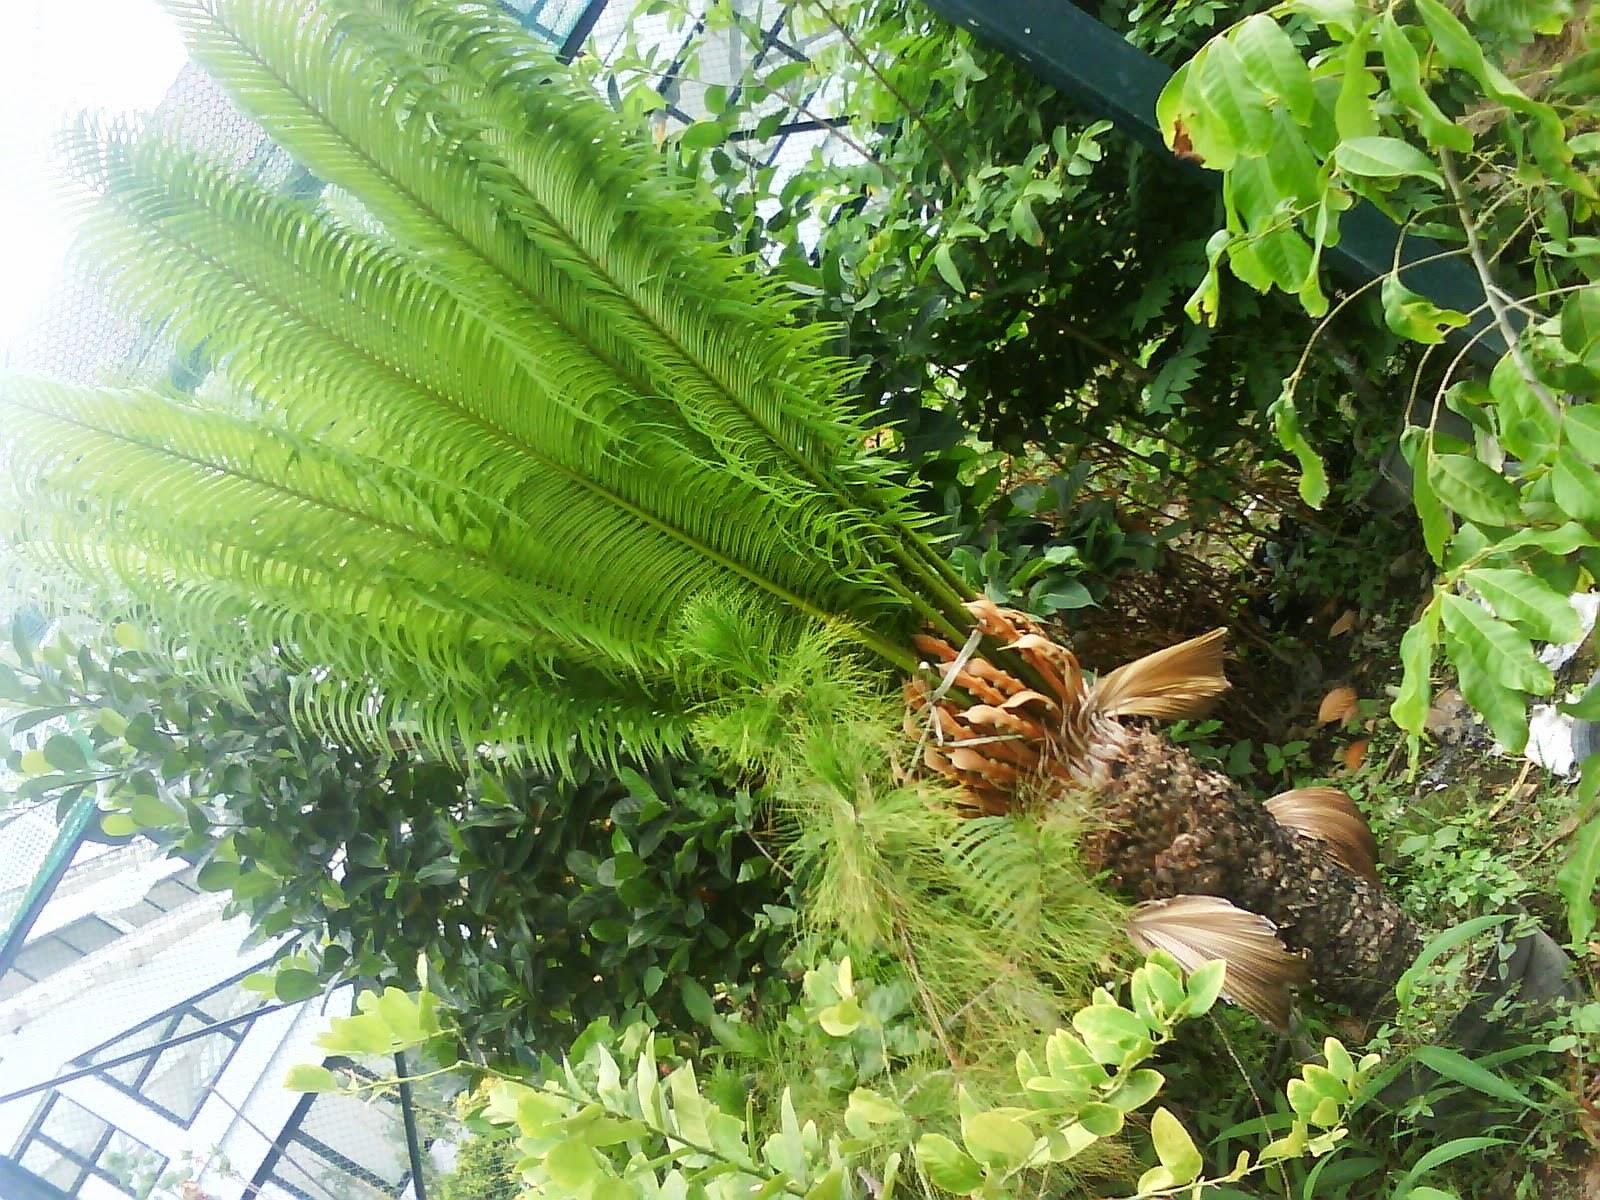 Jual Pohon Pakis Haji | Jasa Tukang Taman | Tukang Bikin Taman